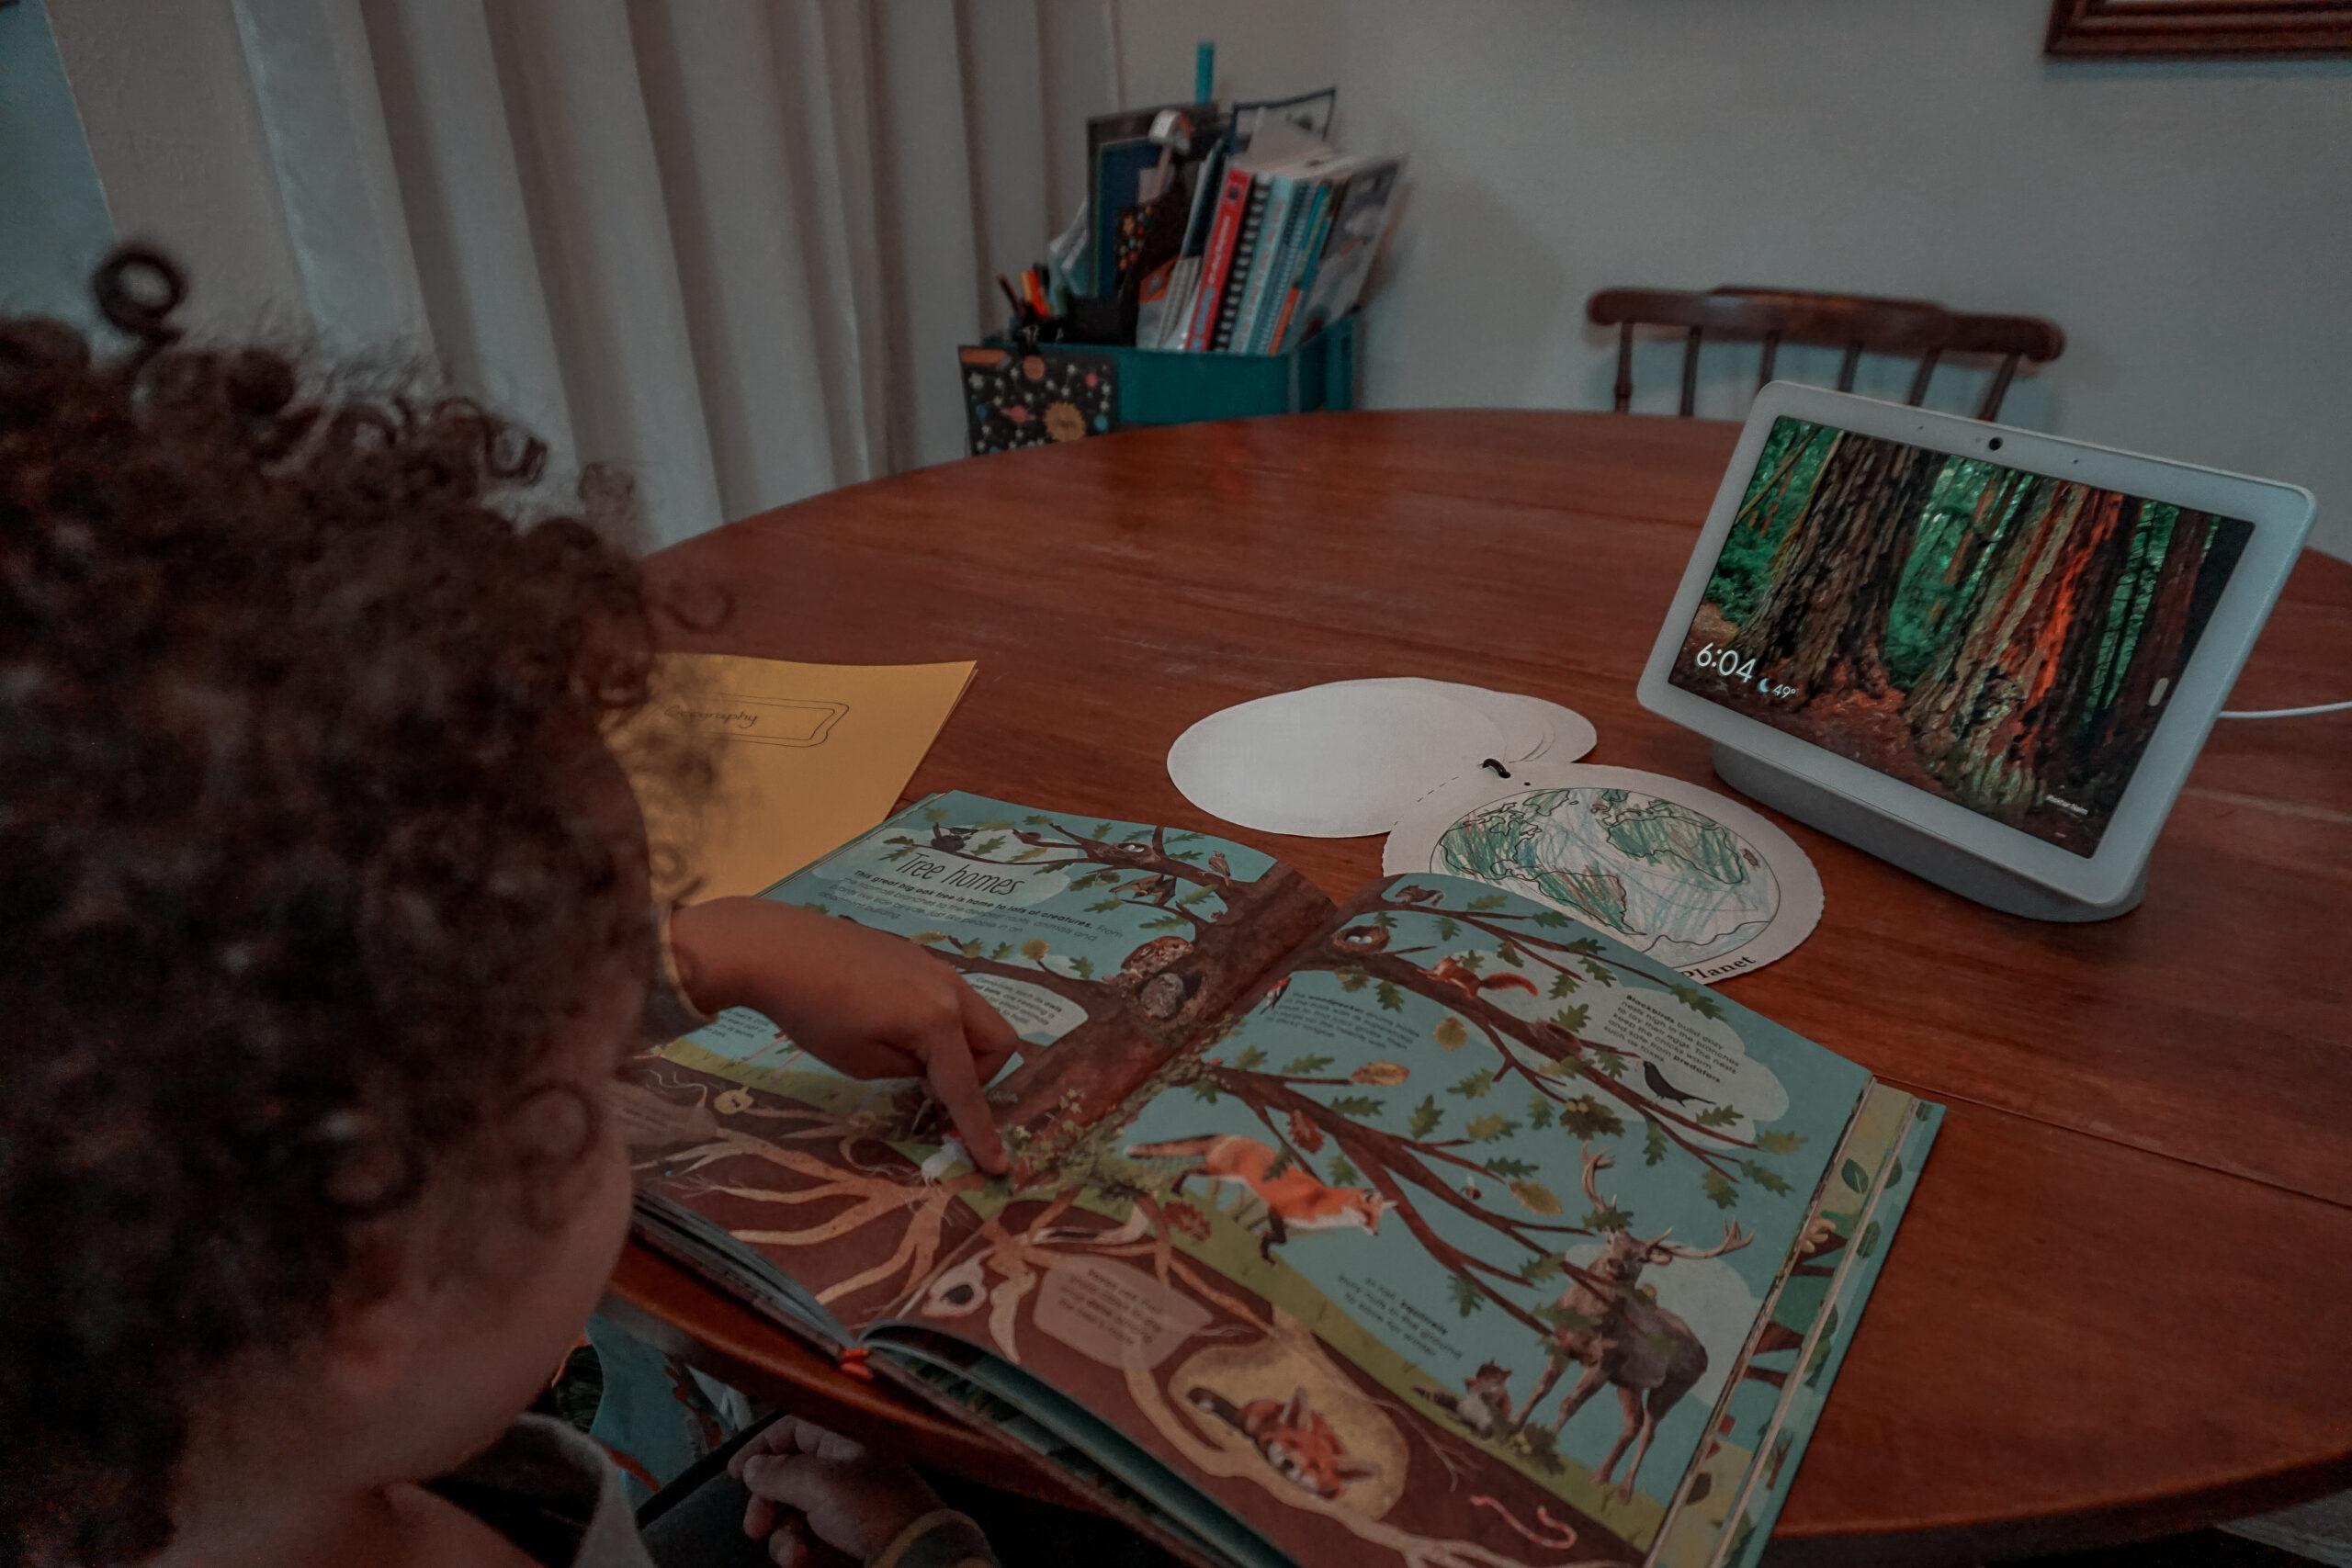 iberdrola Texas renewable wind energy for homeschool with the google hub